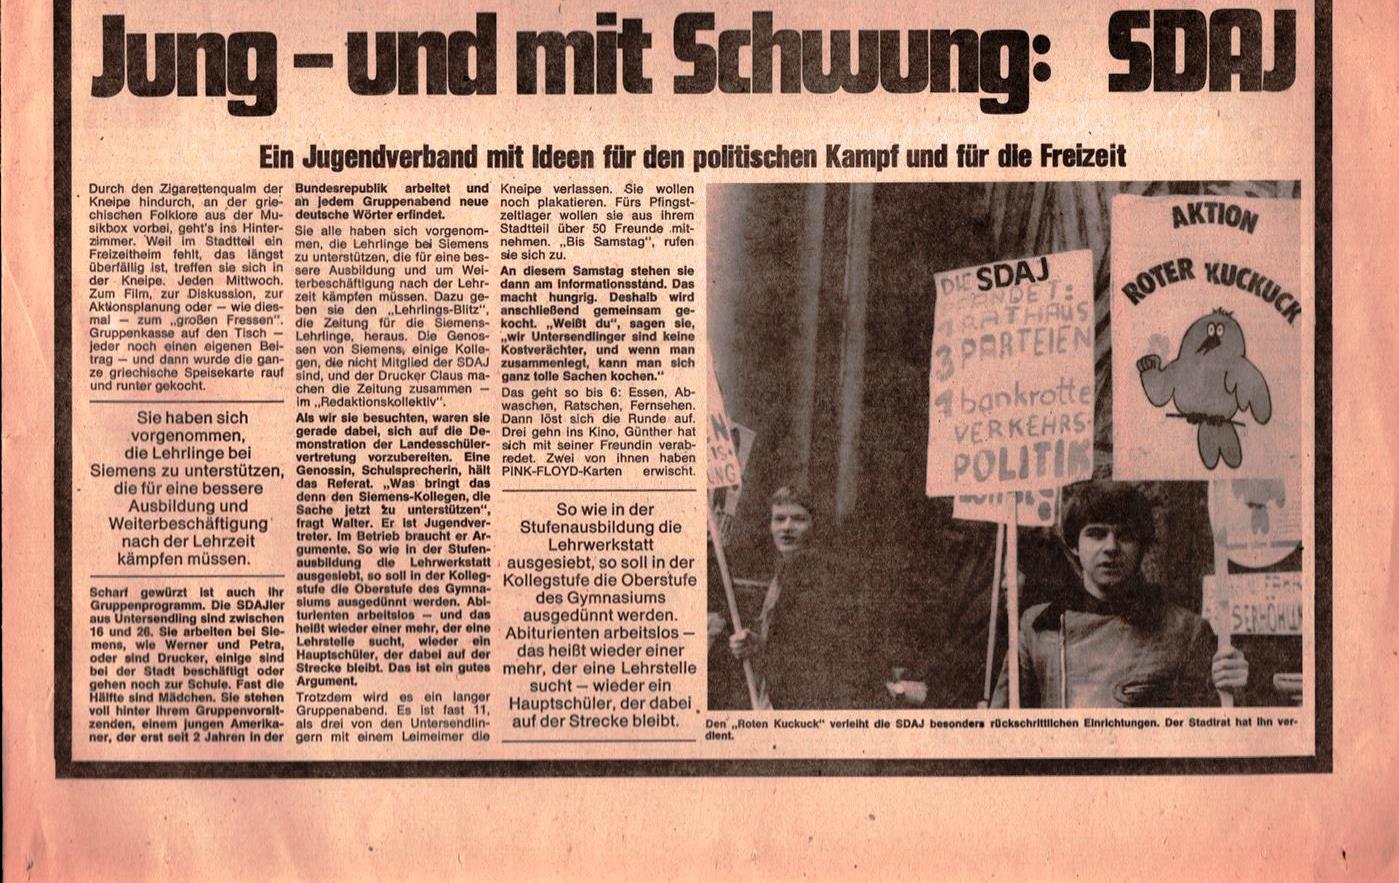 Muenchen_DKP_Neues_Muenchen_19770300_003_006